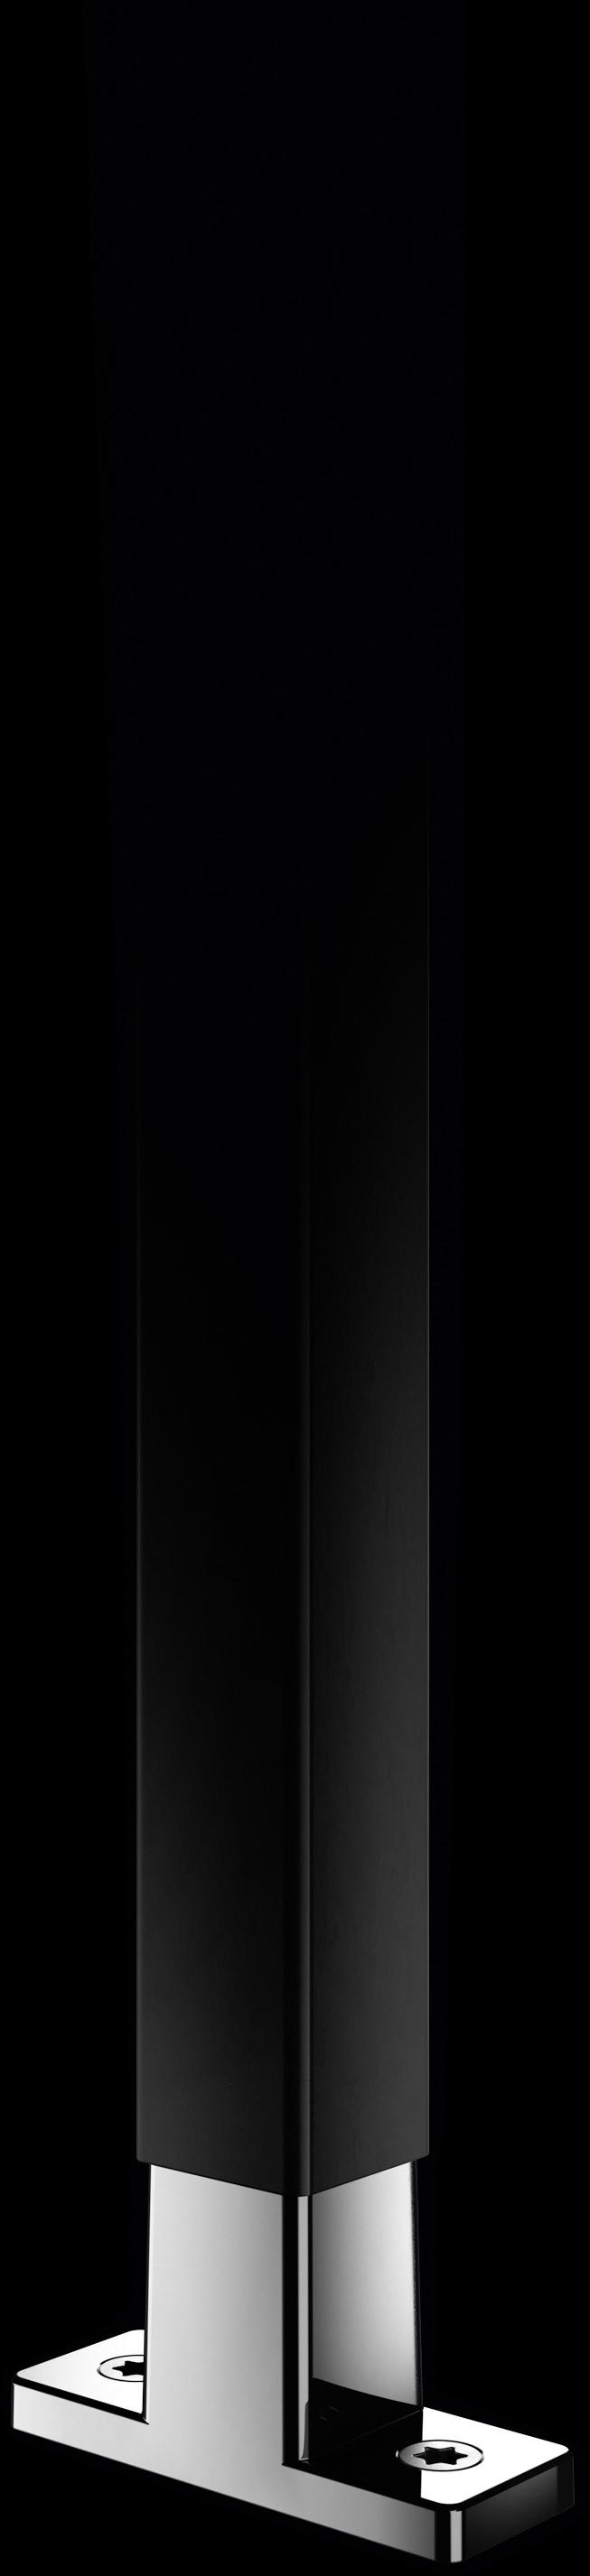 Schwarze Strebe mit T-Konnektor aus Chrom